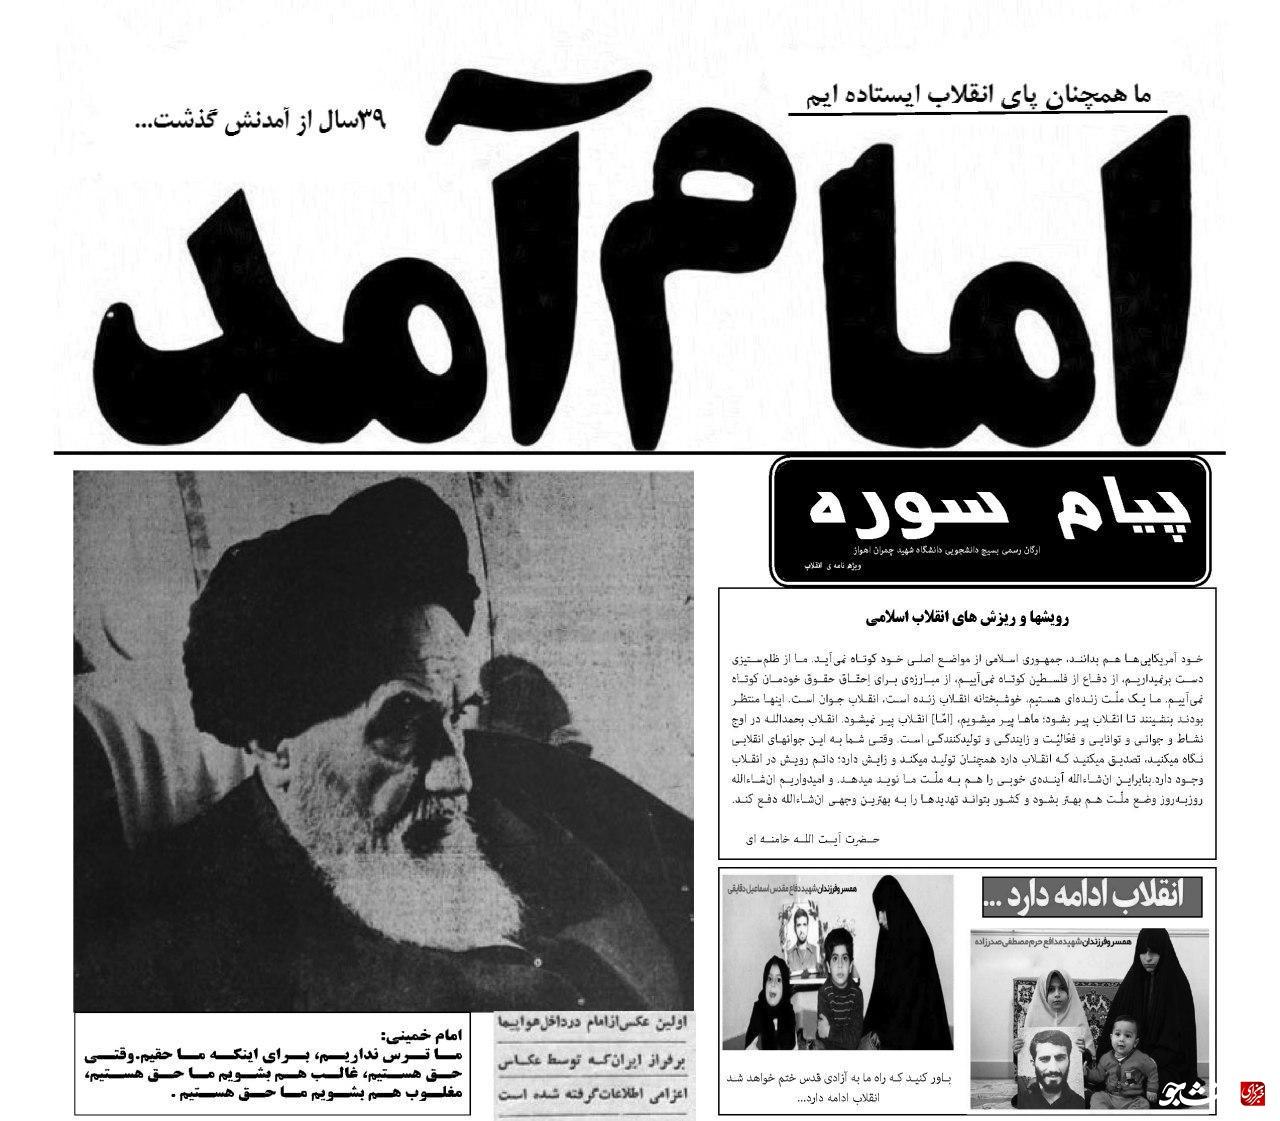 از دختران خیابان انقلاب تا زندگی نامه رضا ملک خان تلویزیون/ نشریات دانشجویی در آستانه چهل سالگی انقلاب چه گفتند؟